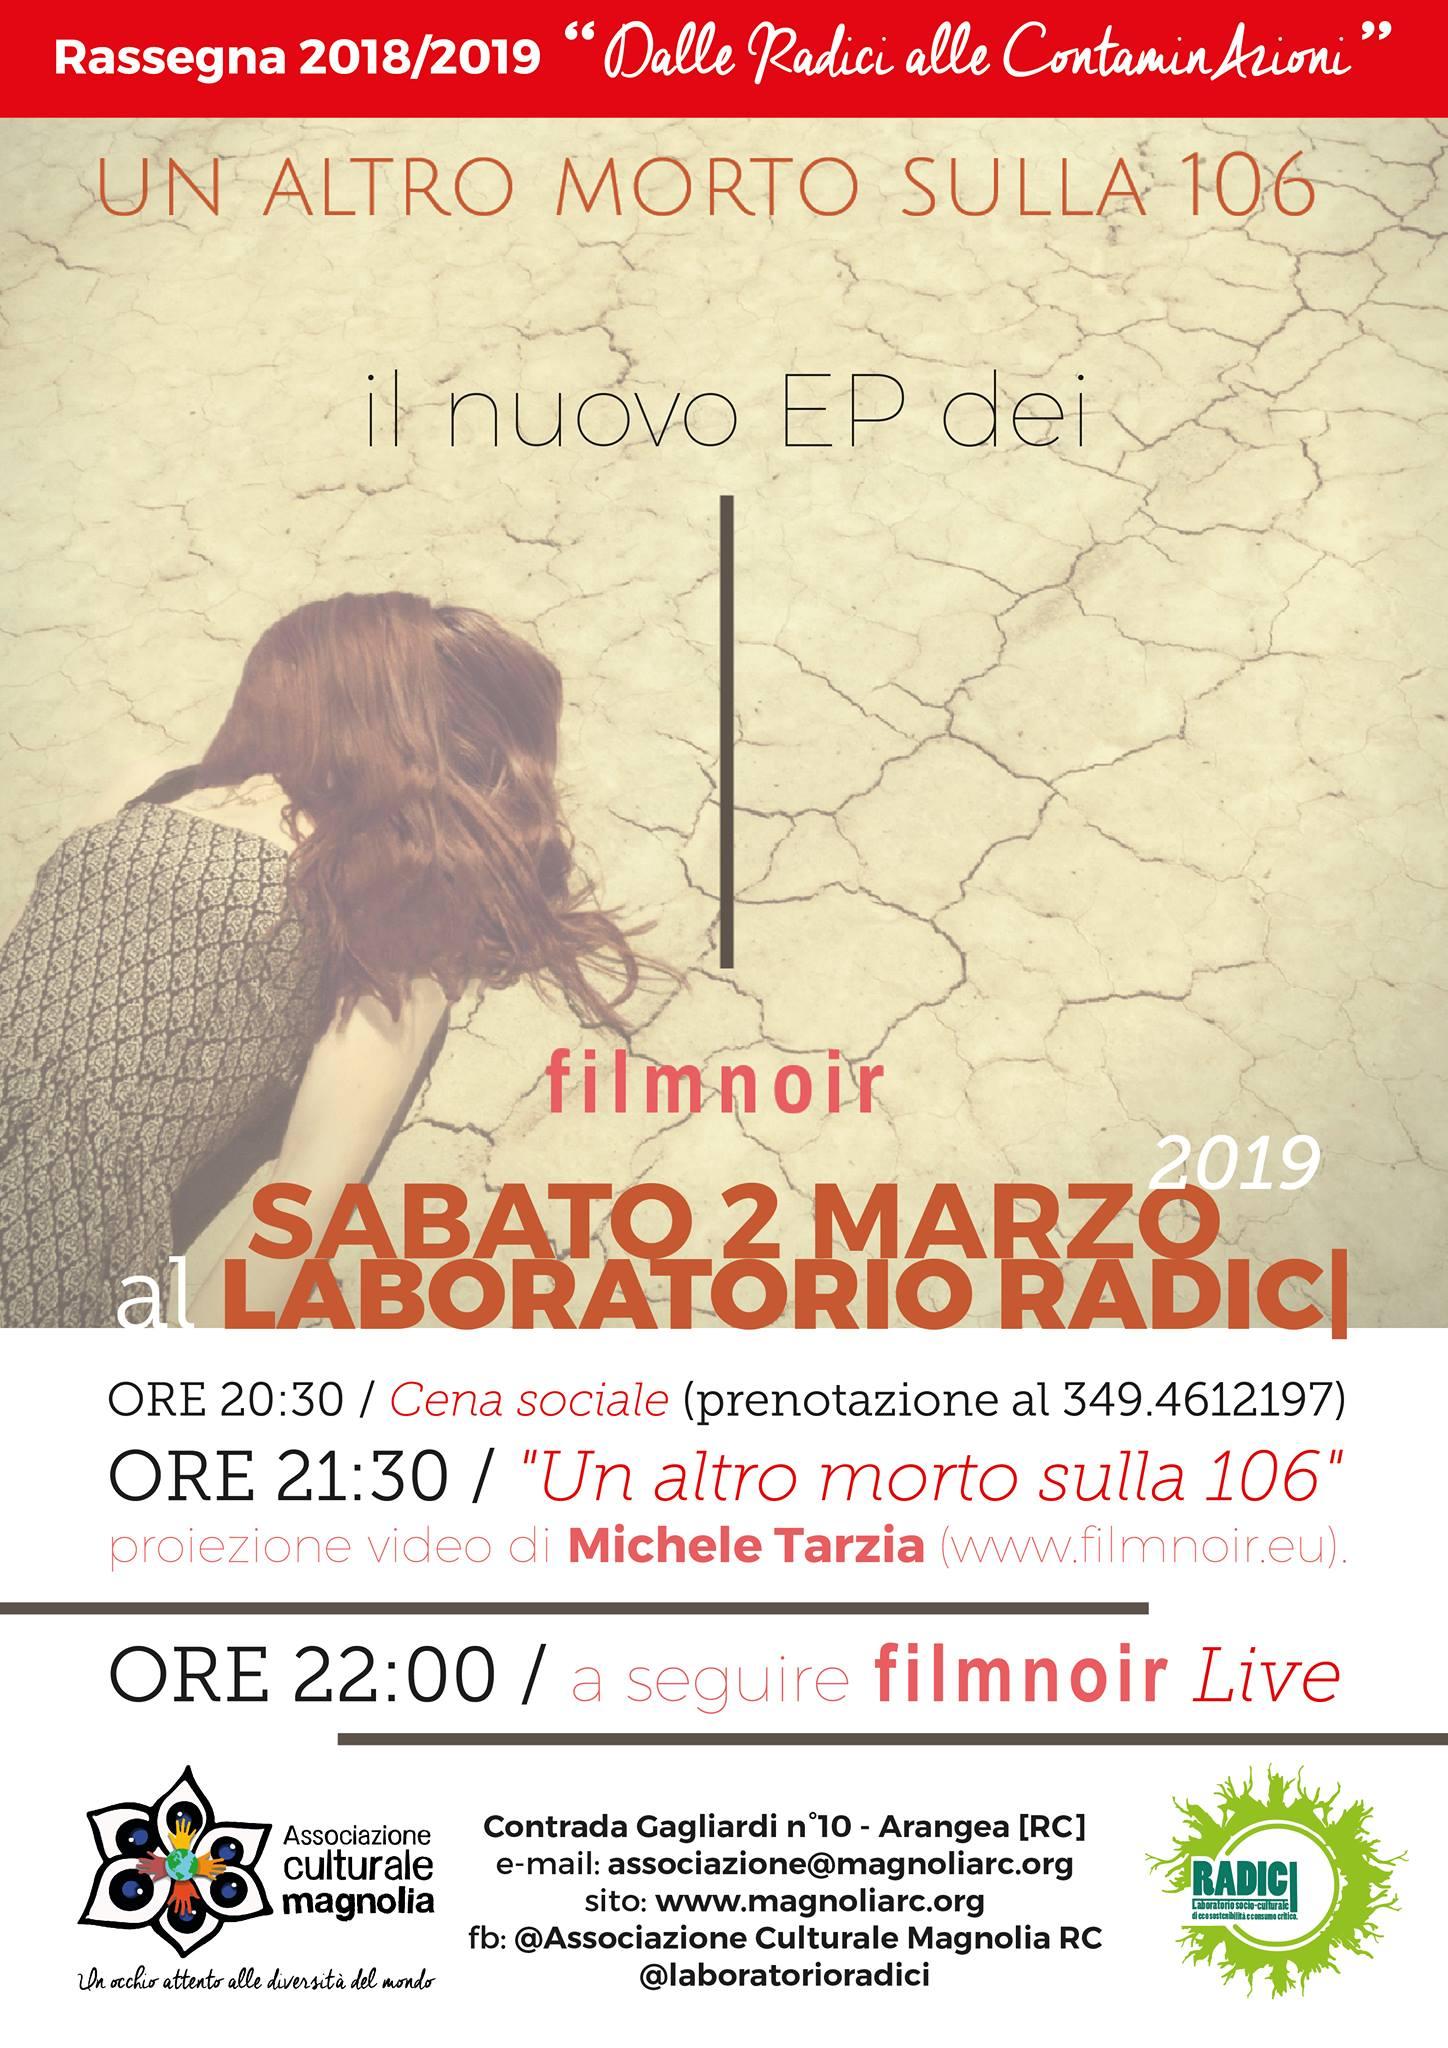 Filmnoir Live